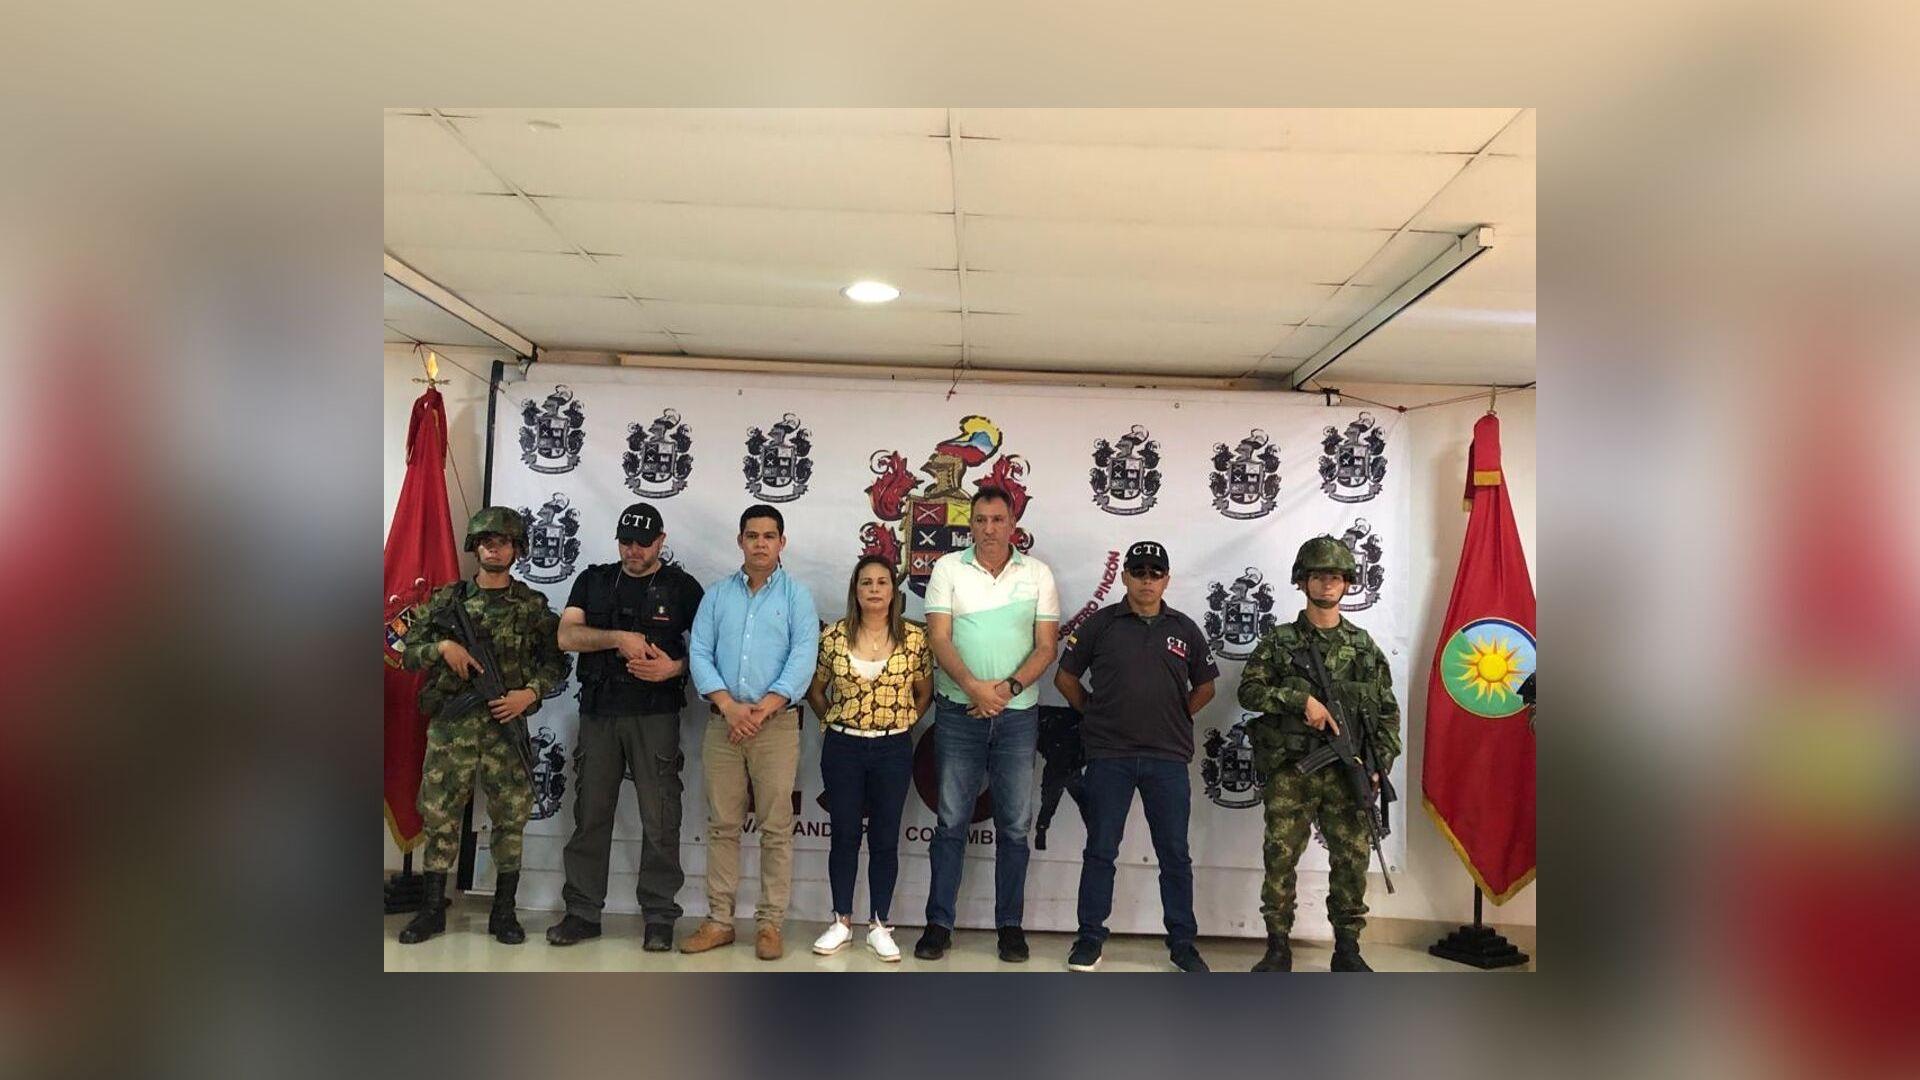 Capturado alcalde de Inírida por presuntos actos de corrupción